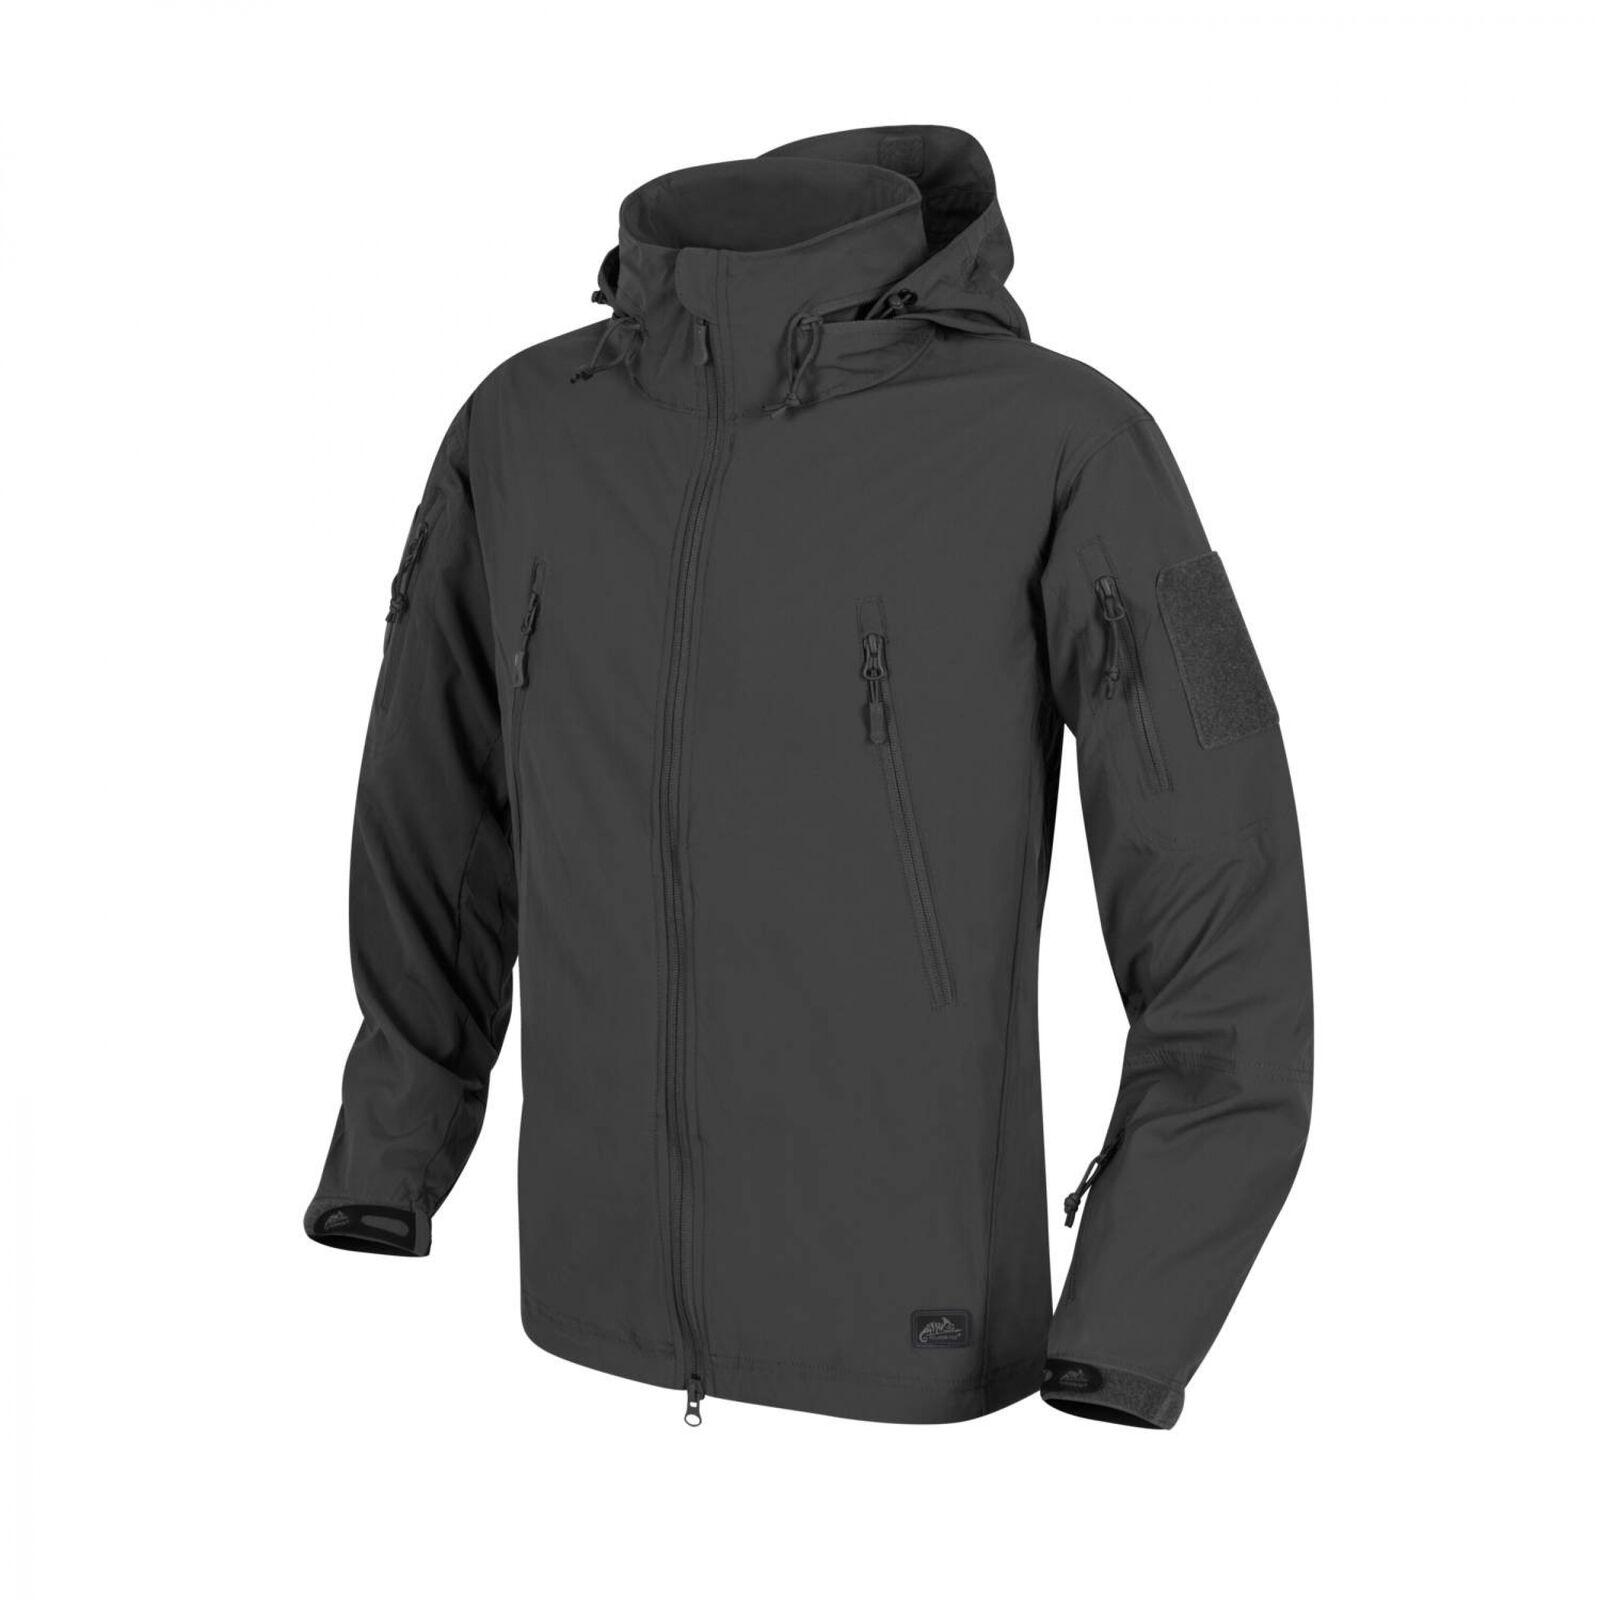 HELIKON-Tex Trooper leves función chaqueta Softshell-stormstretch ® - negro